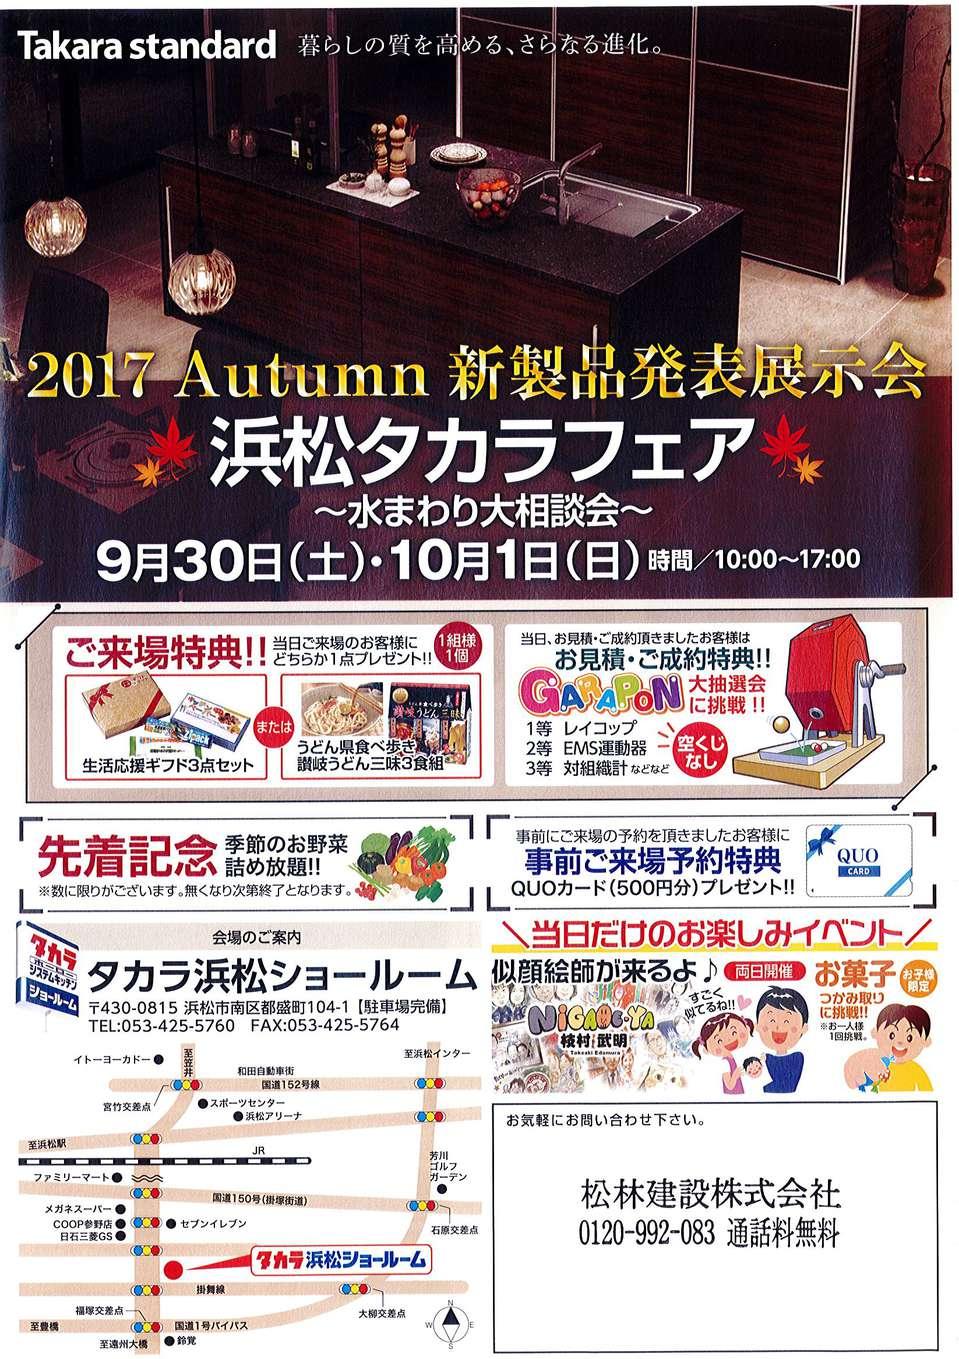 takara2017 (1).jpg